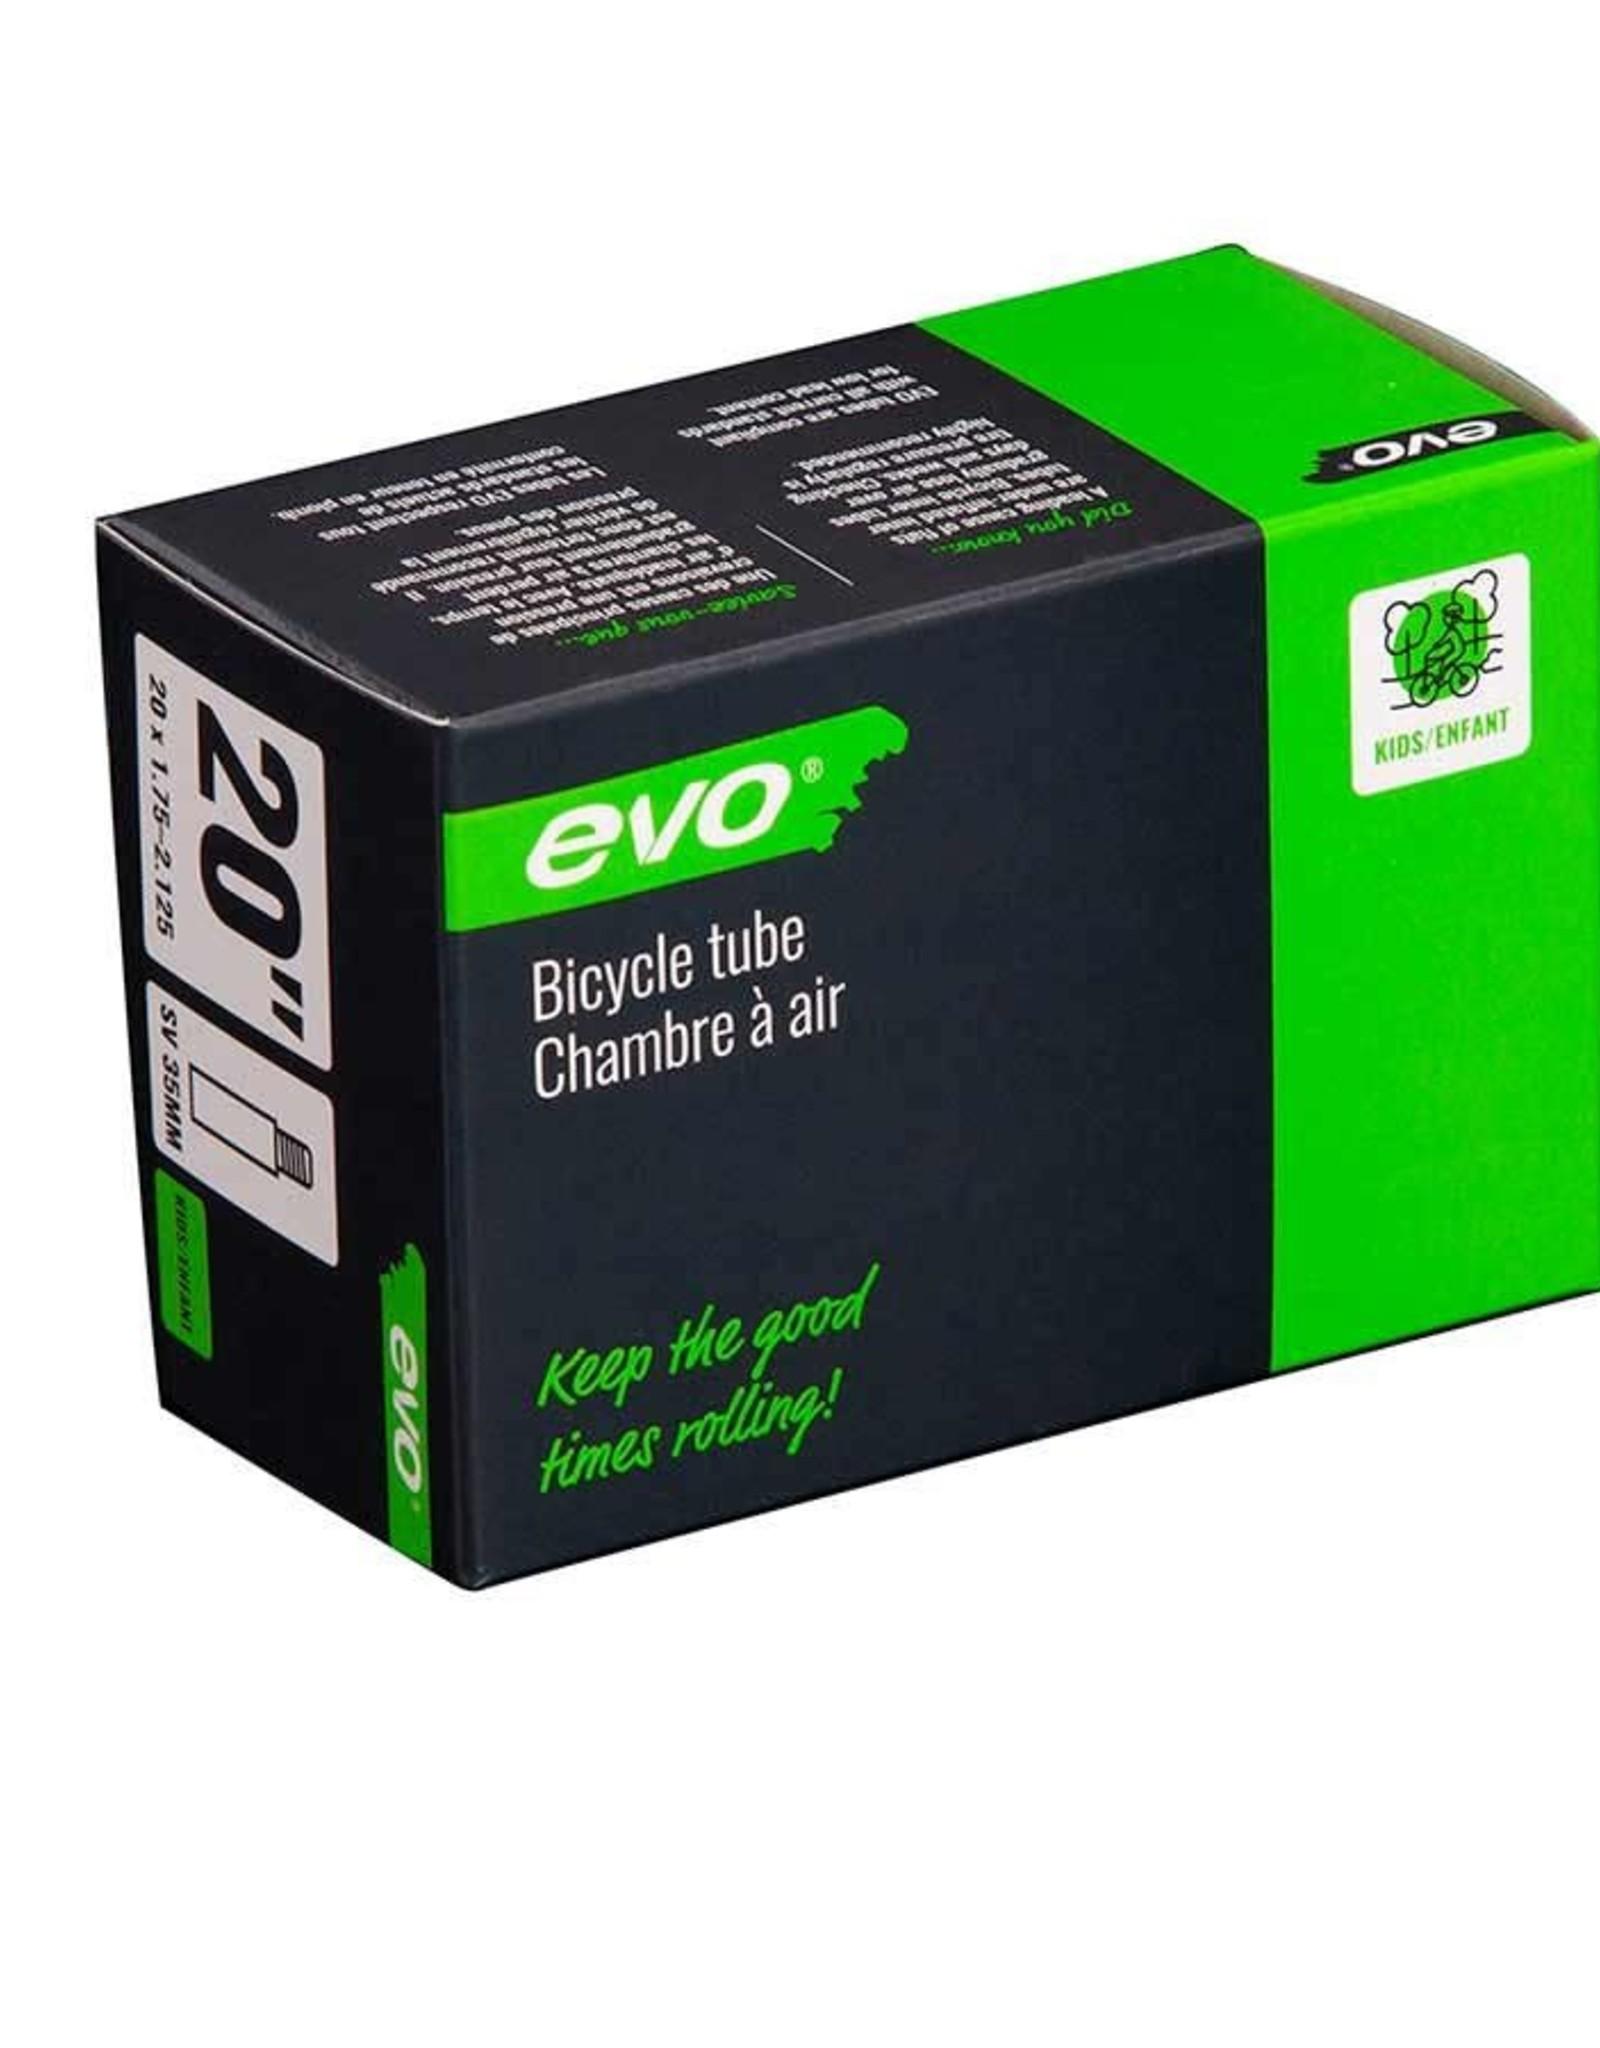 EVO EVO, SV, Chambre a air, Schrader, Longueur: 35mm, 20'', 1.75-2.125